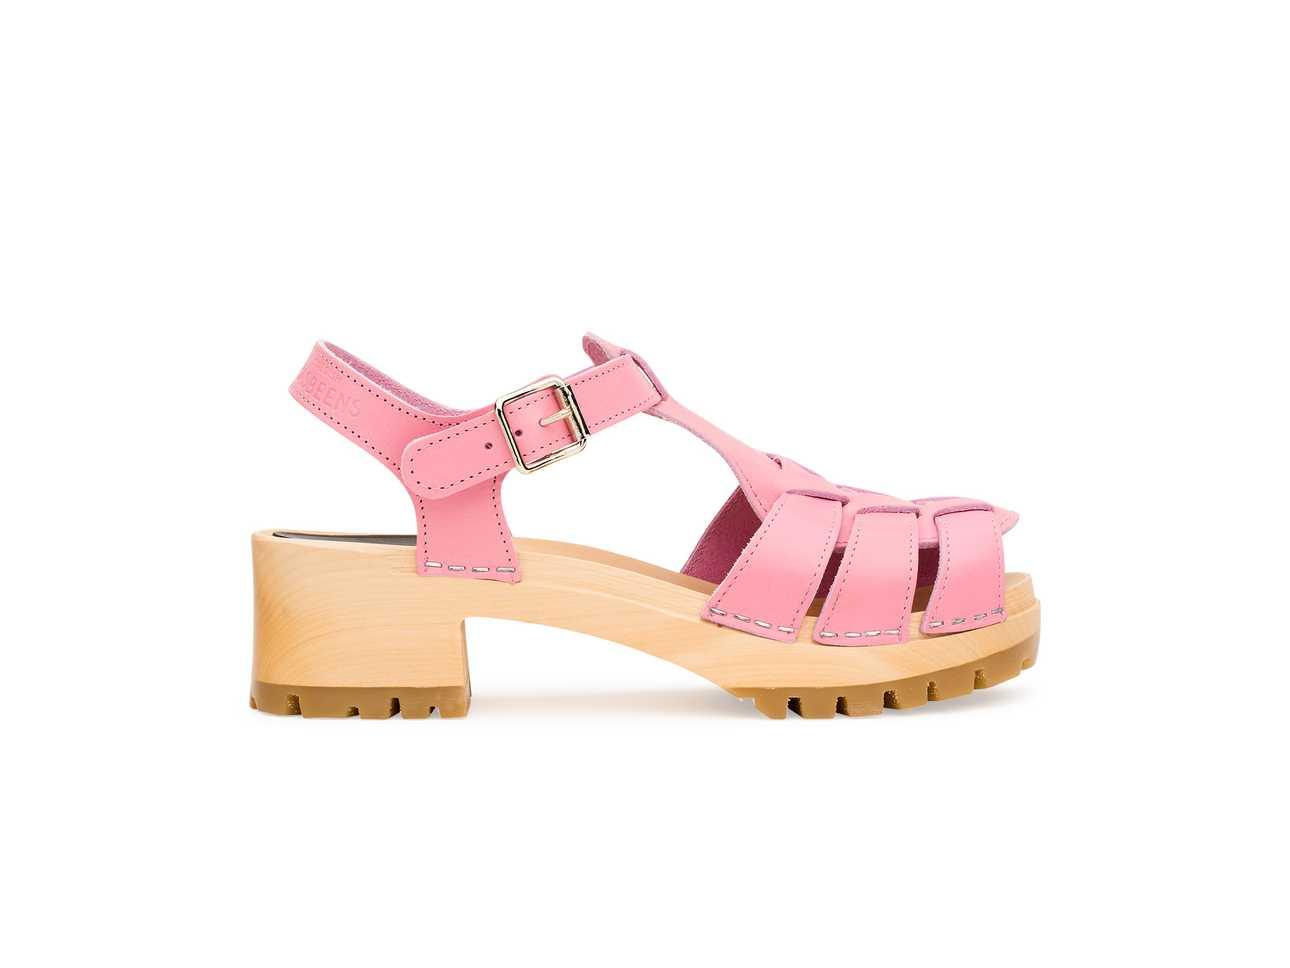 Grunge Sandal Bubble Gum Pink